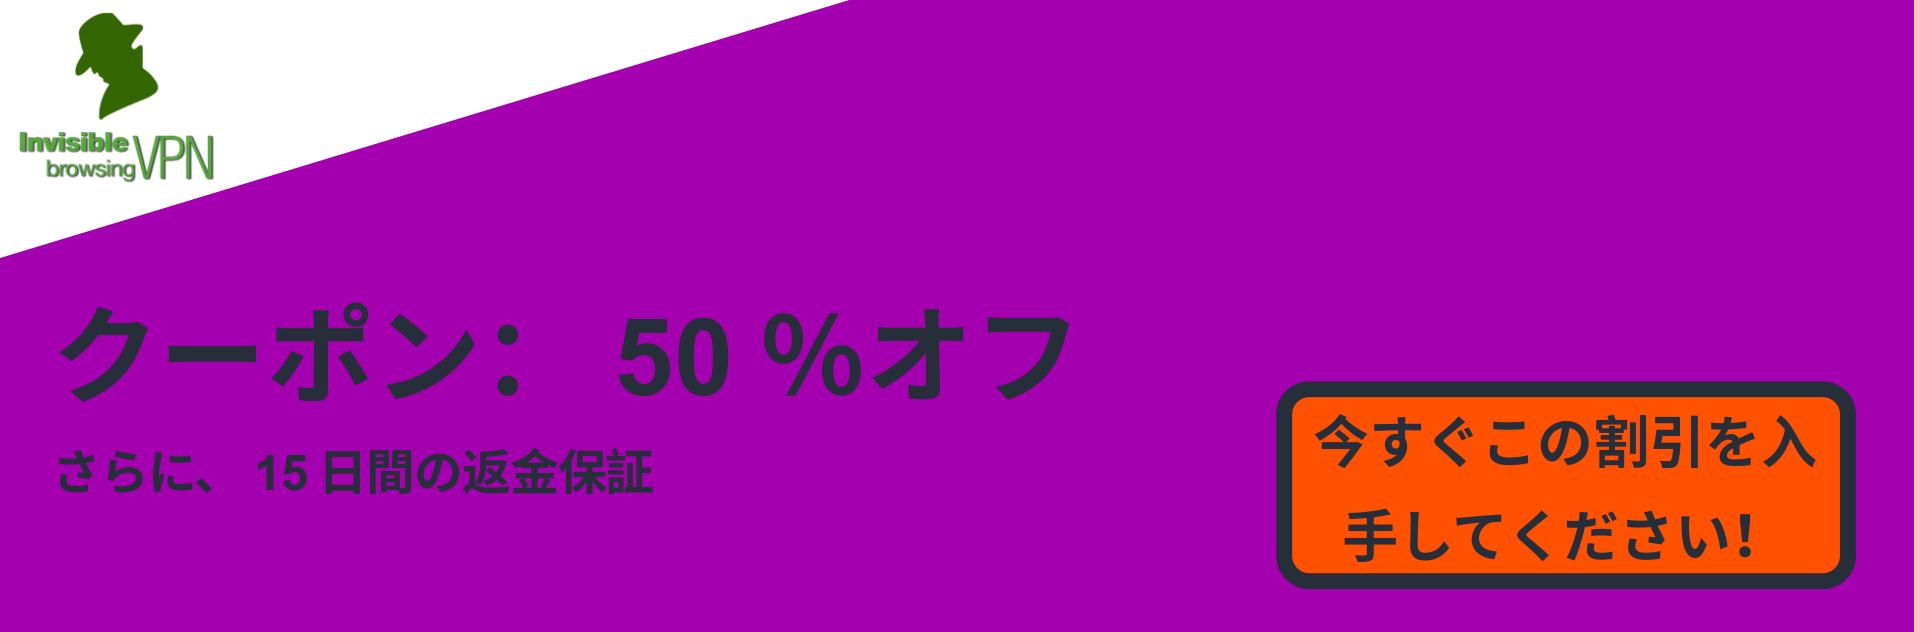 ibVPNクーポンバナー-50%オフ